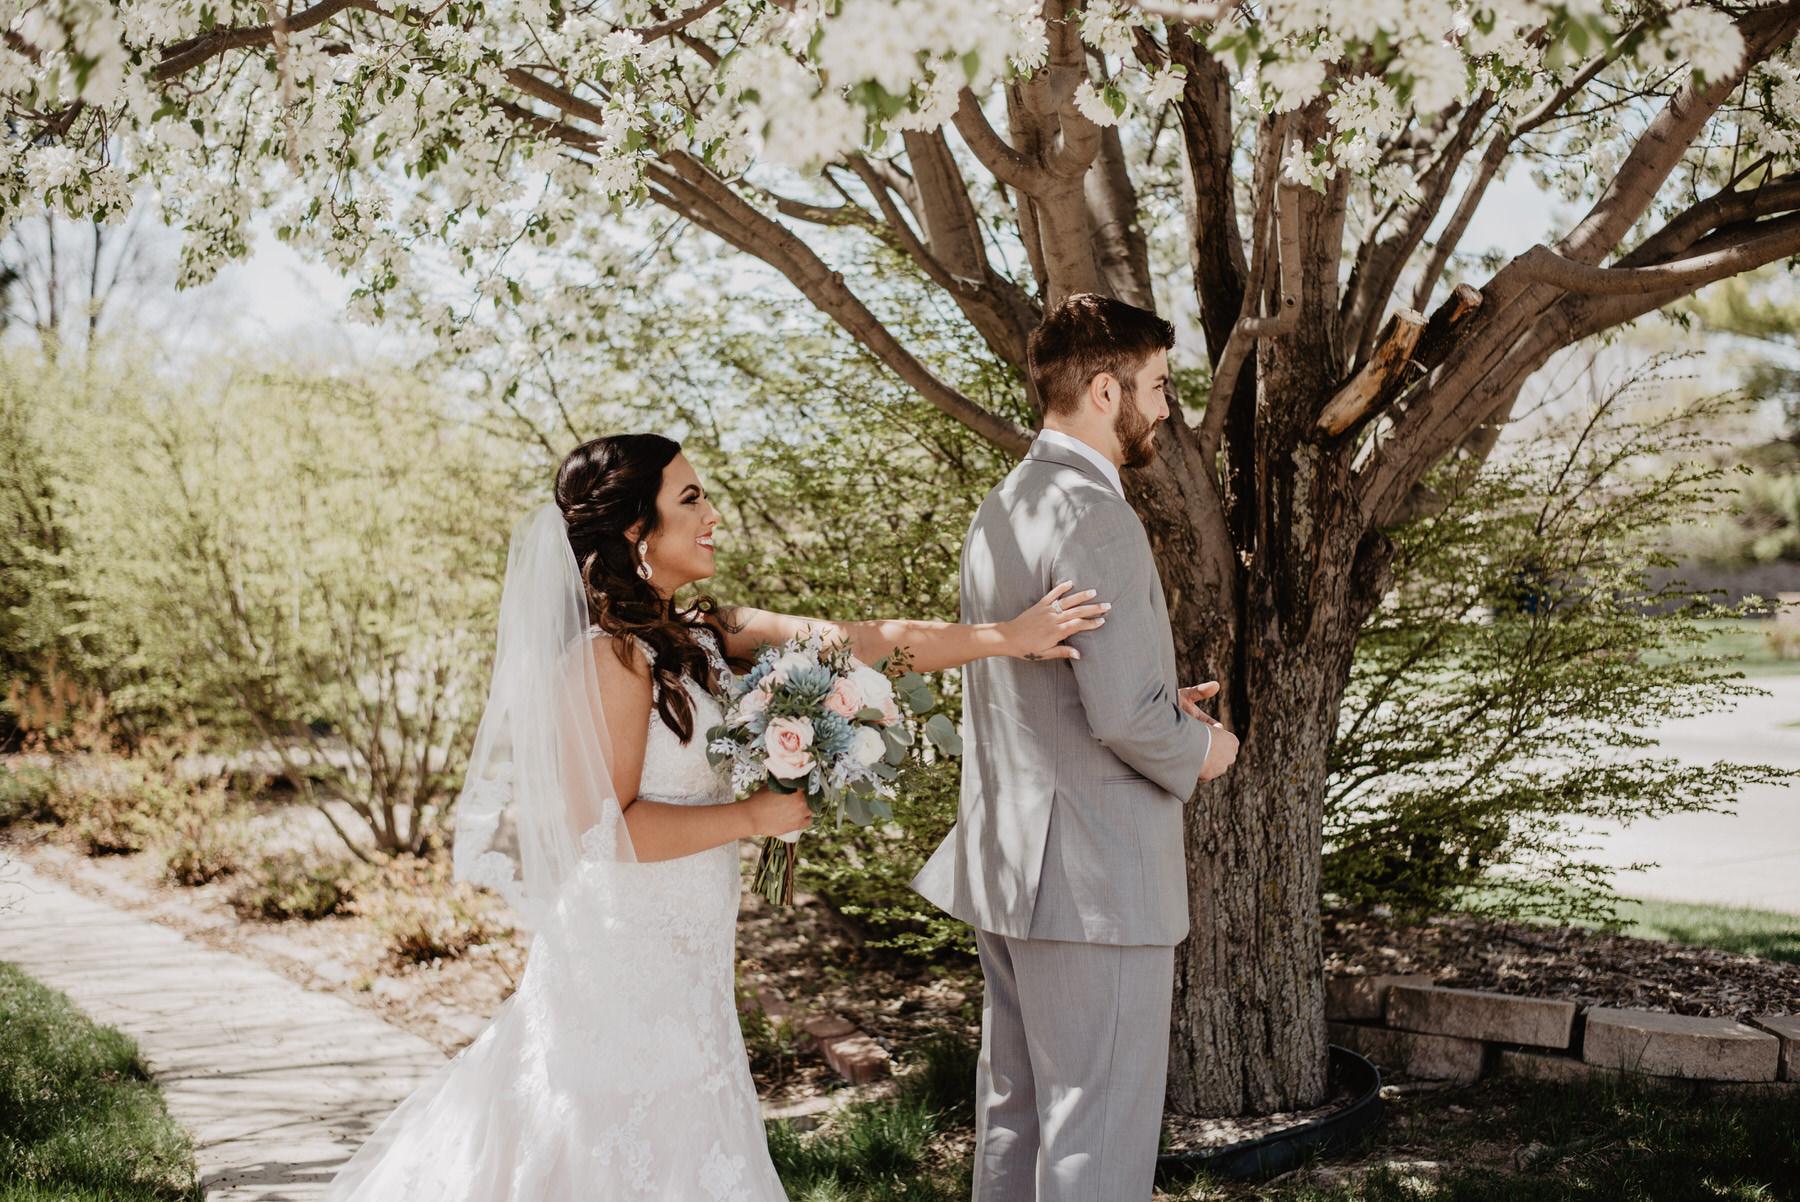 Kaylie-Sirek-Photography-Kearney-Nebraska-Wedding-037.jpg